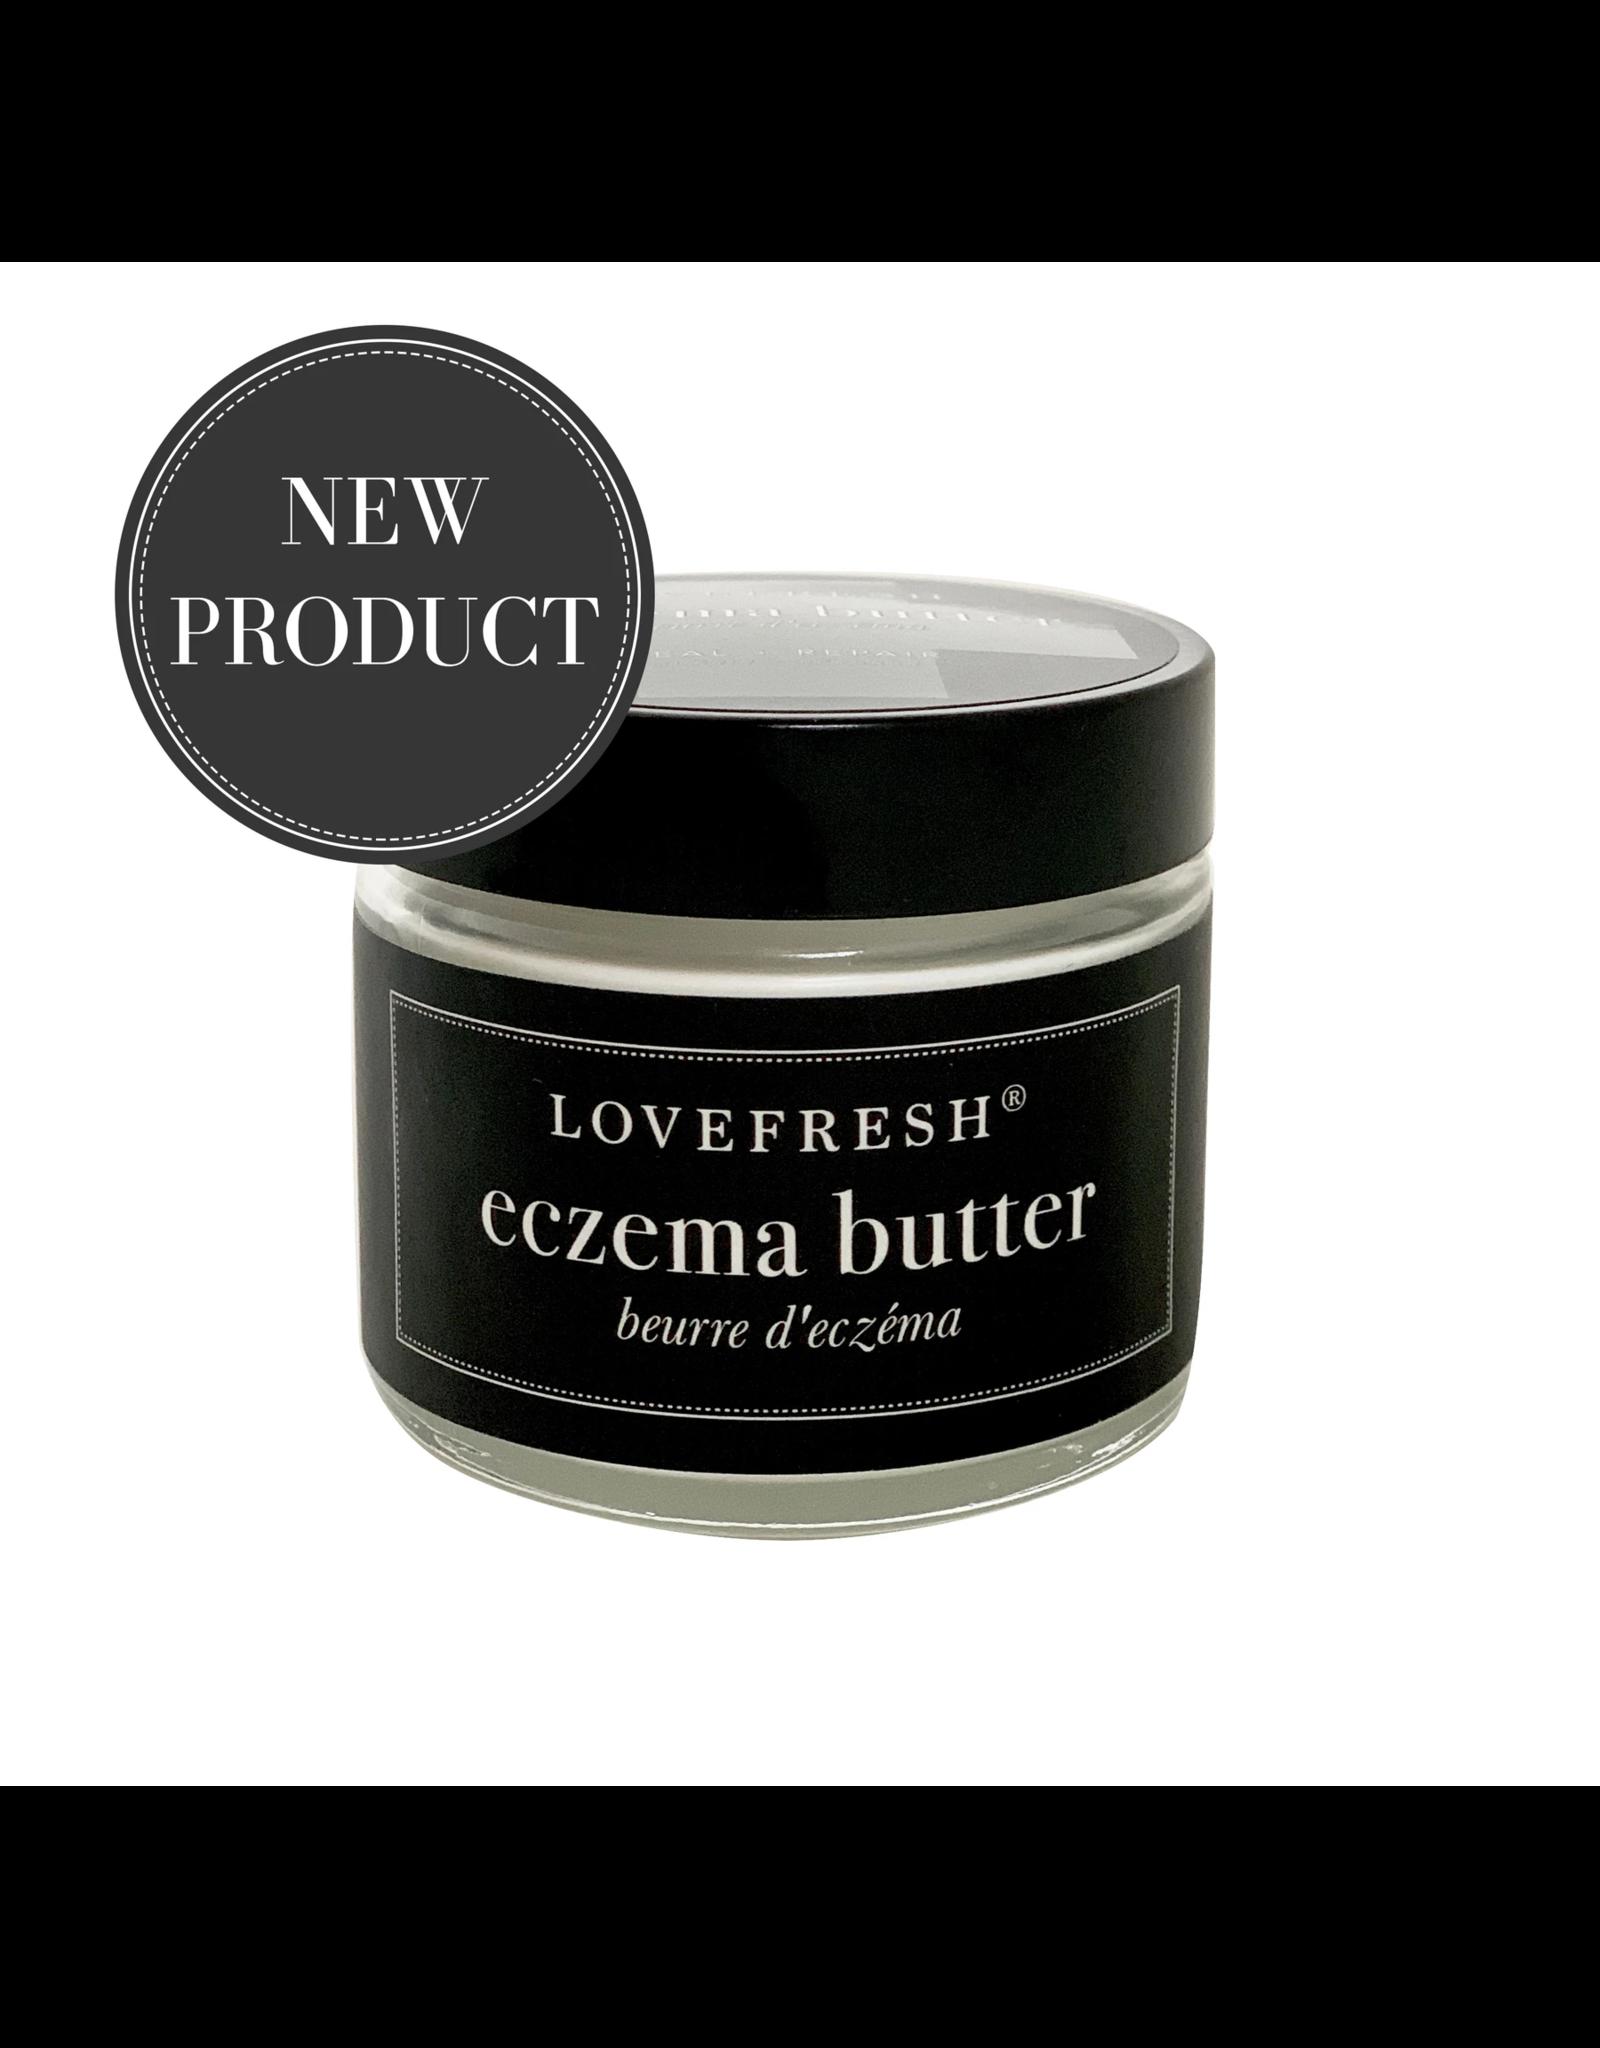 Lovefresh Eczema Butter